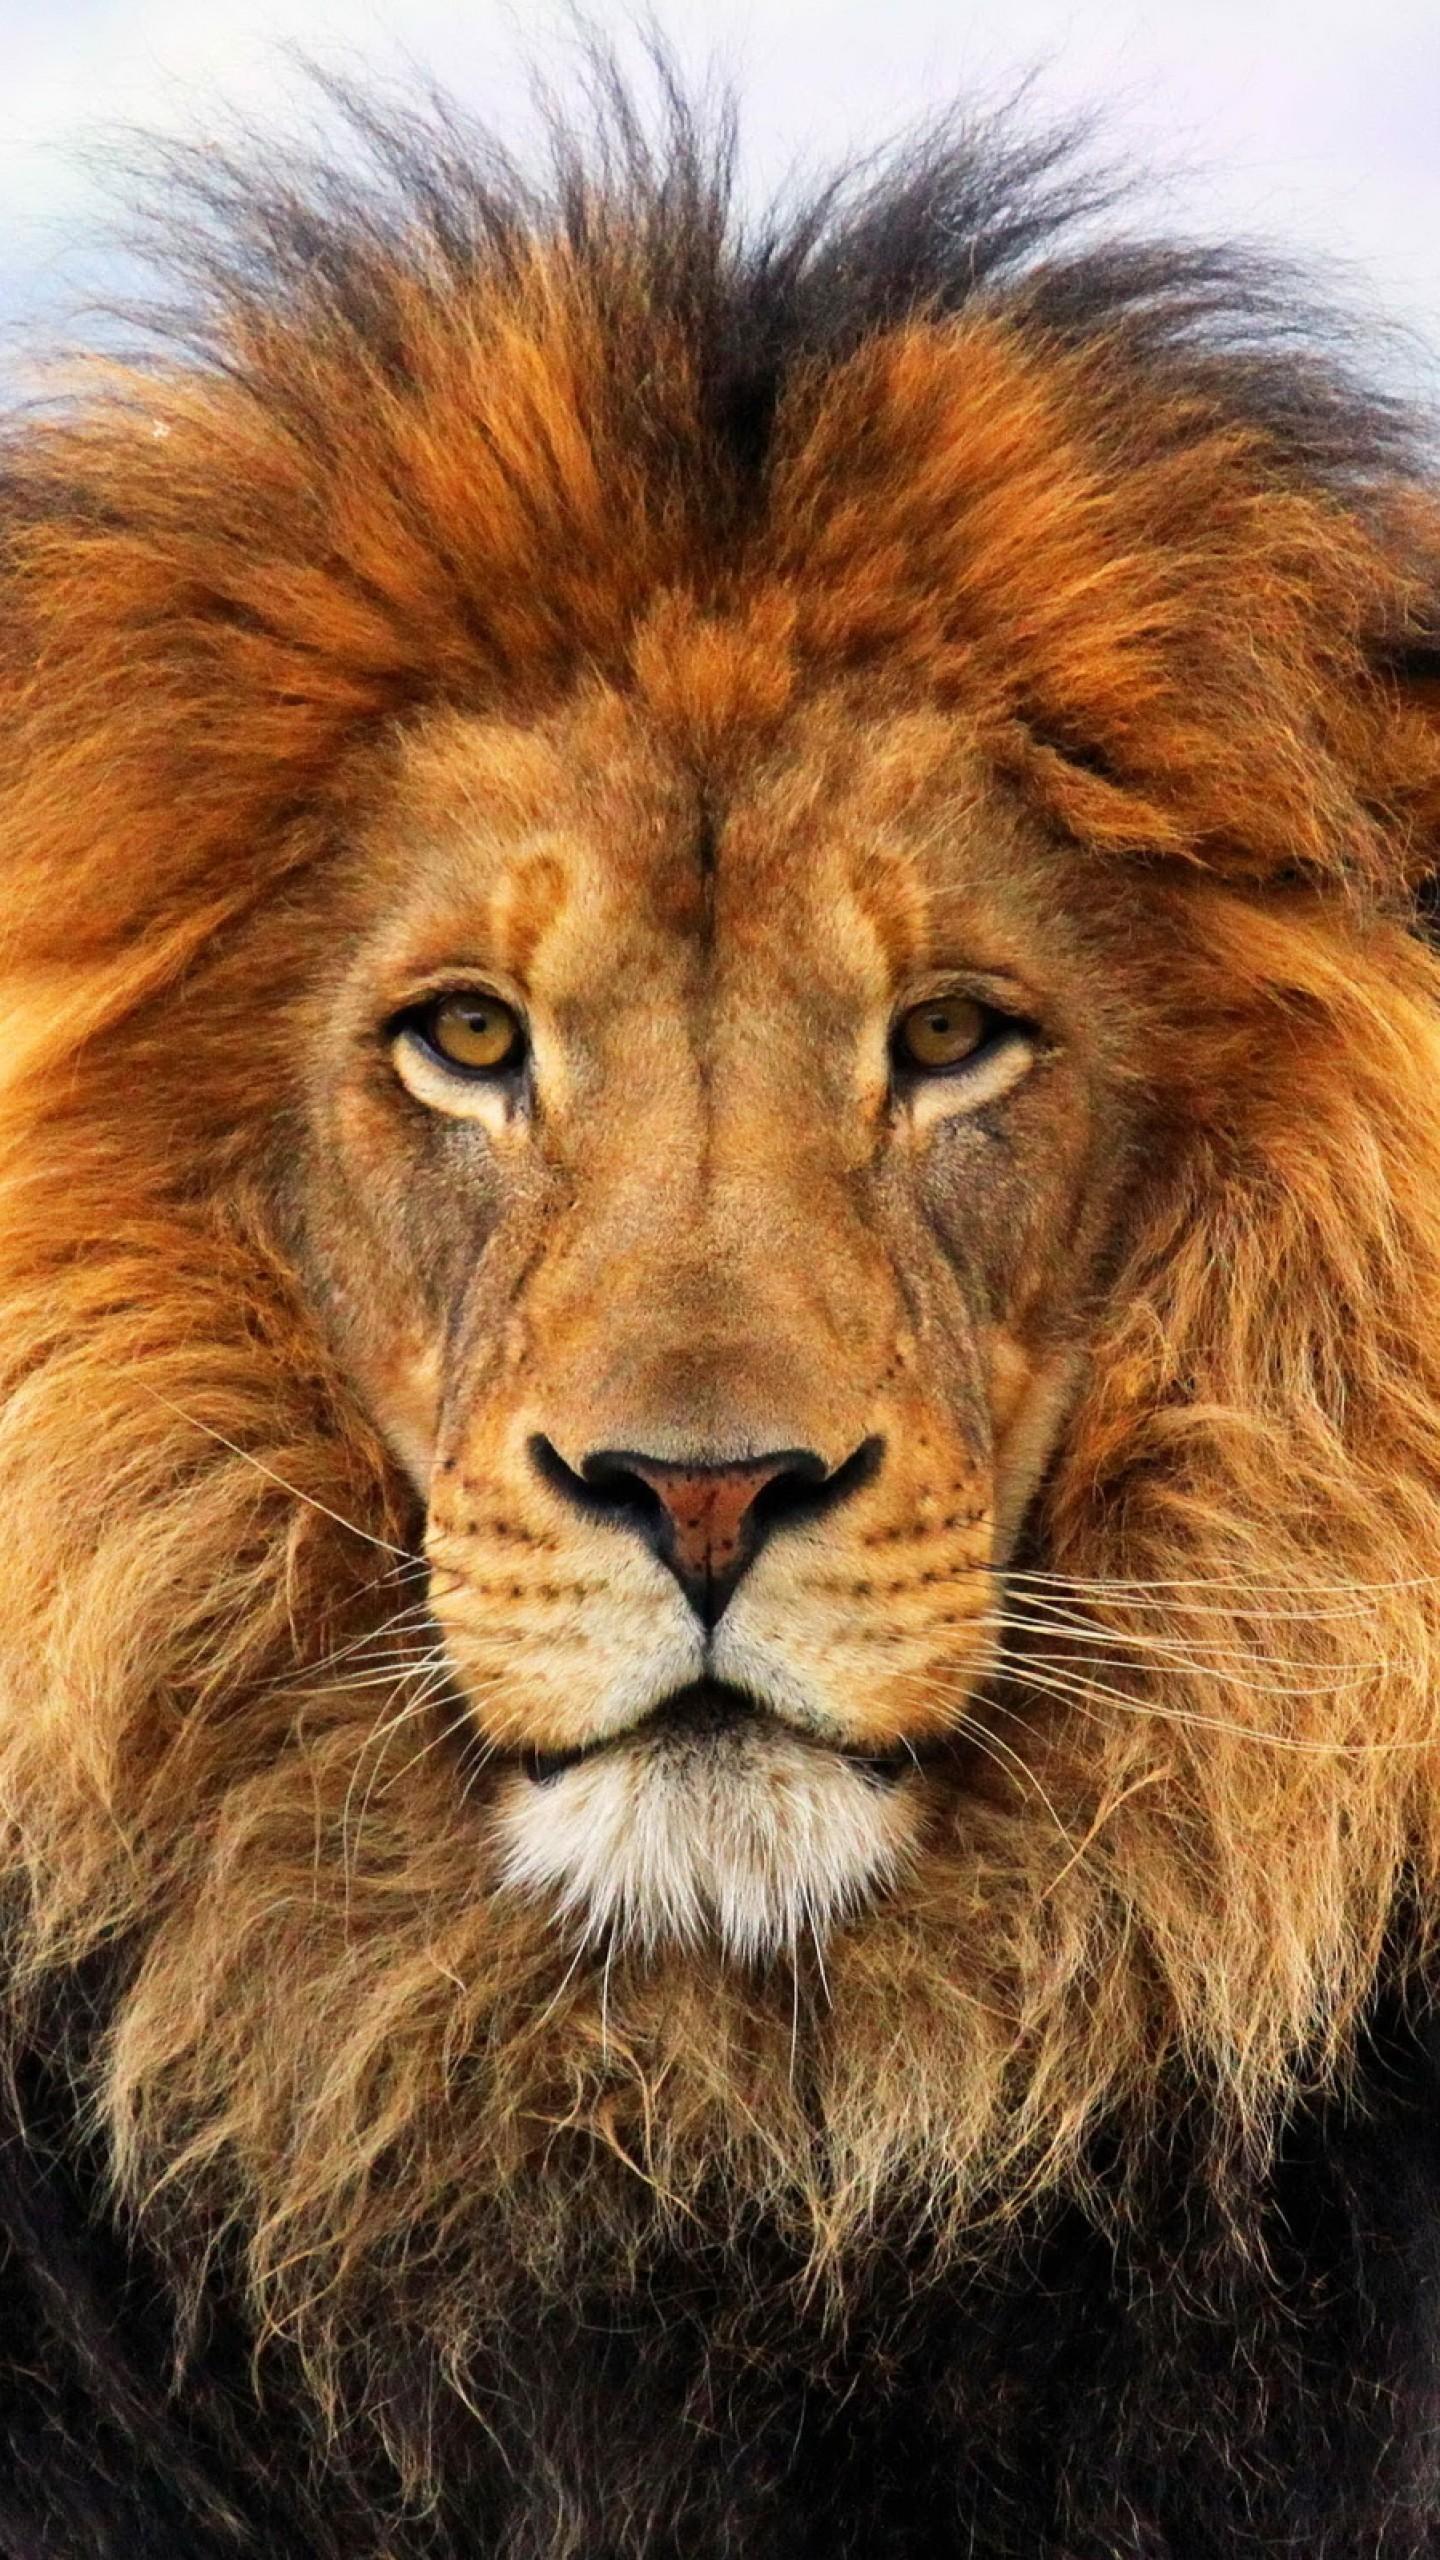 Preview wallpaper lion, mane, eyes, waiting, big cat, carnivore, king